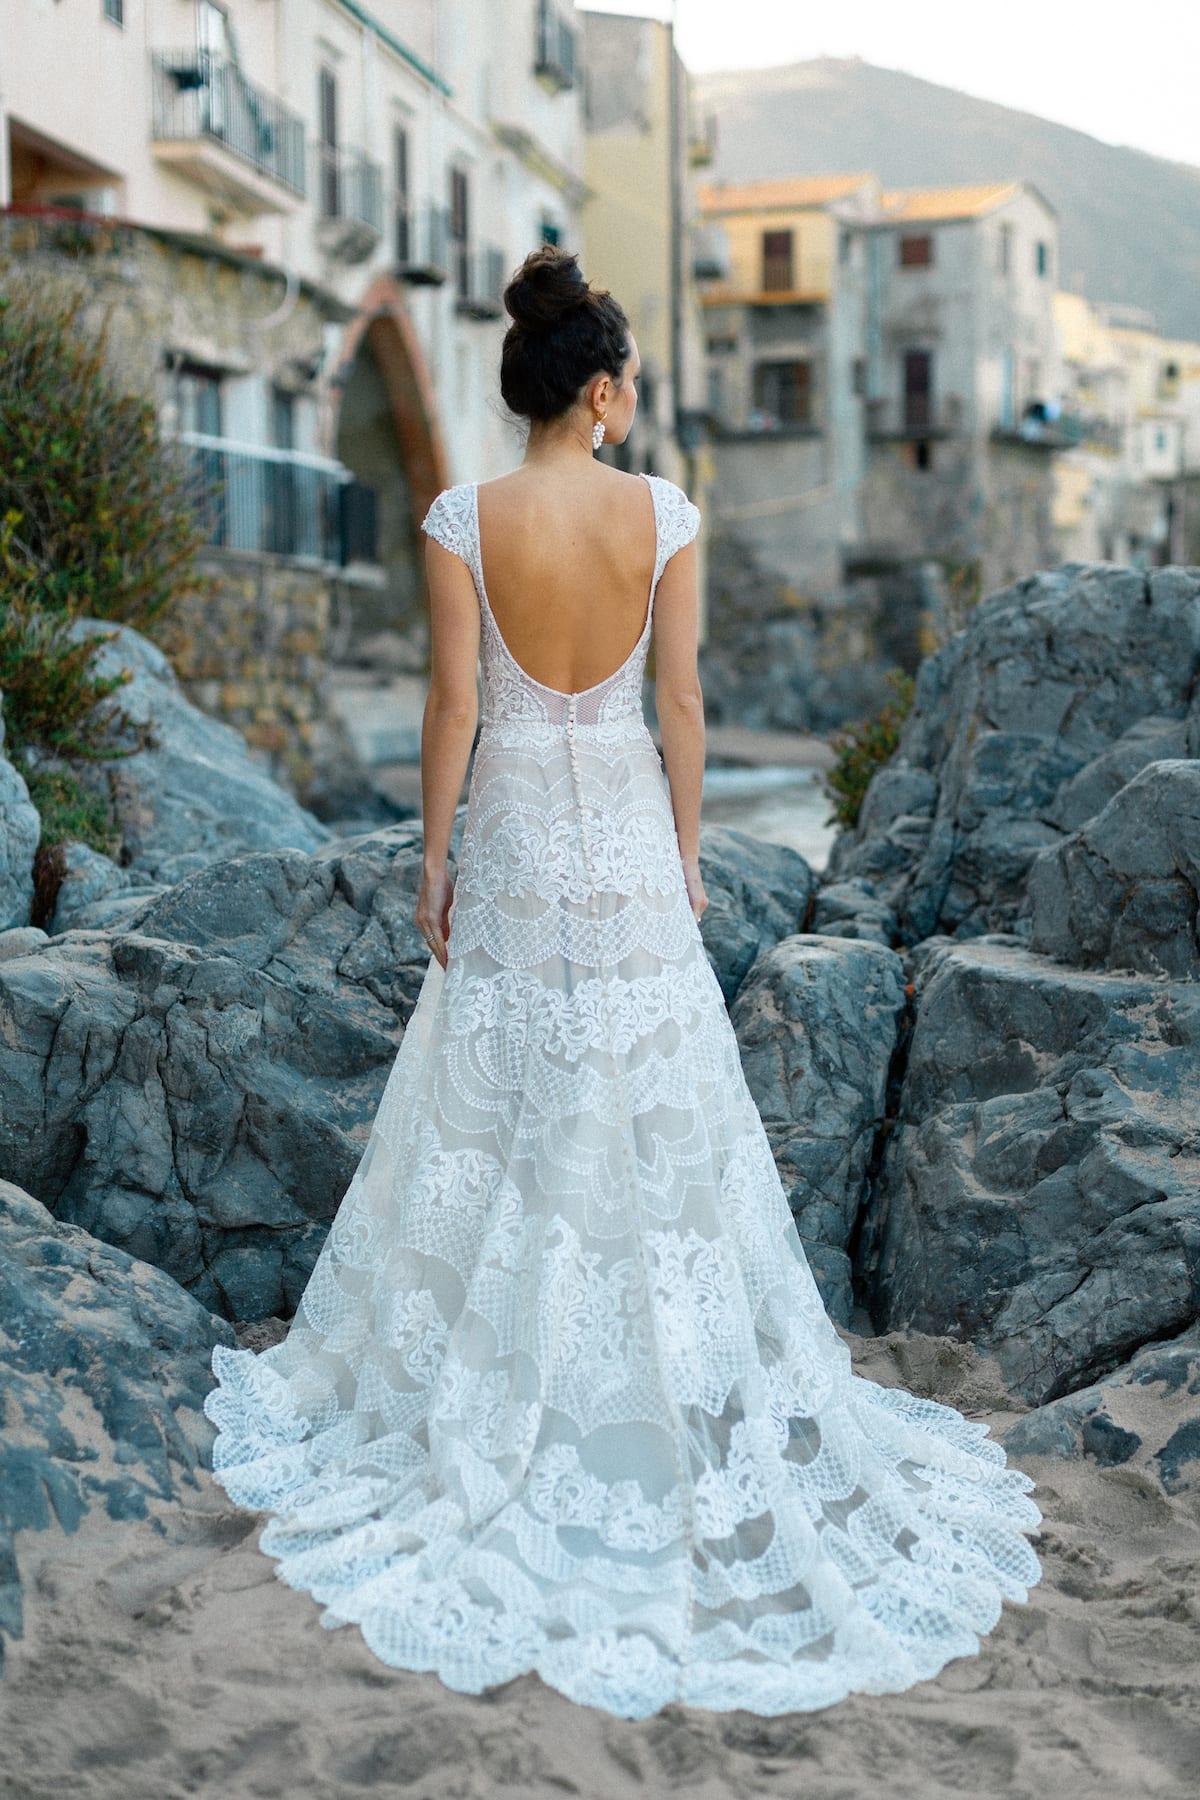 Olivia Wilderly Bride